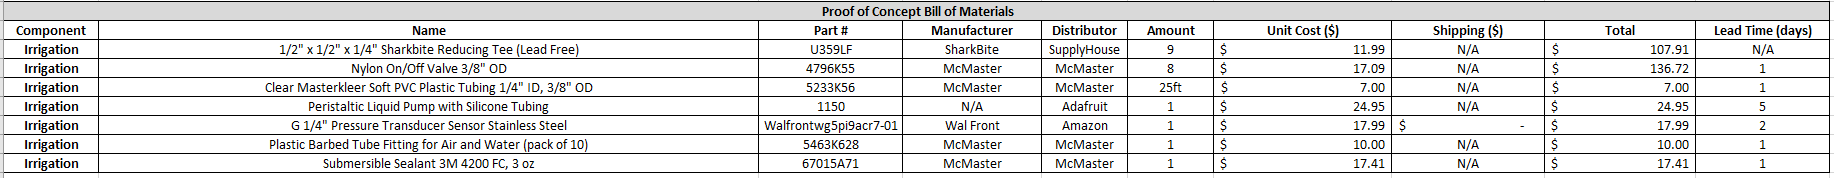 irrigation_mat-1